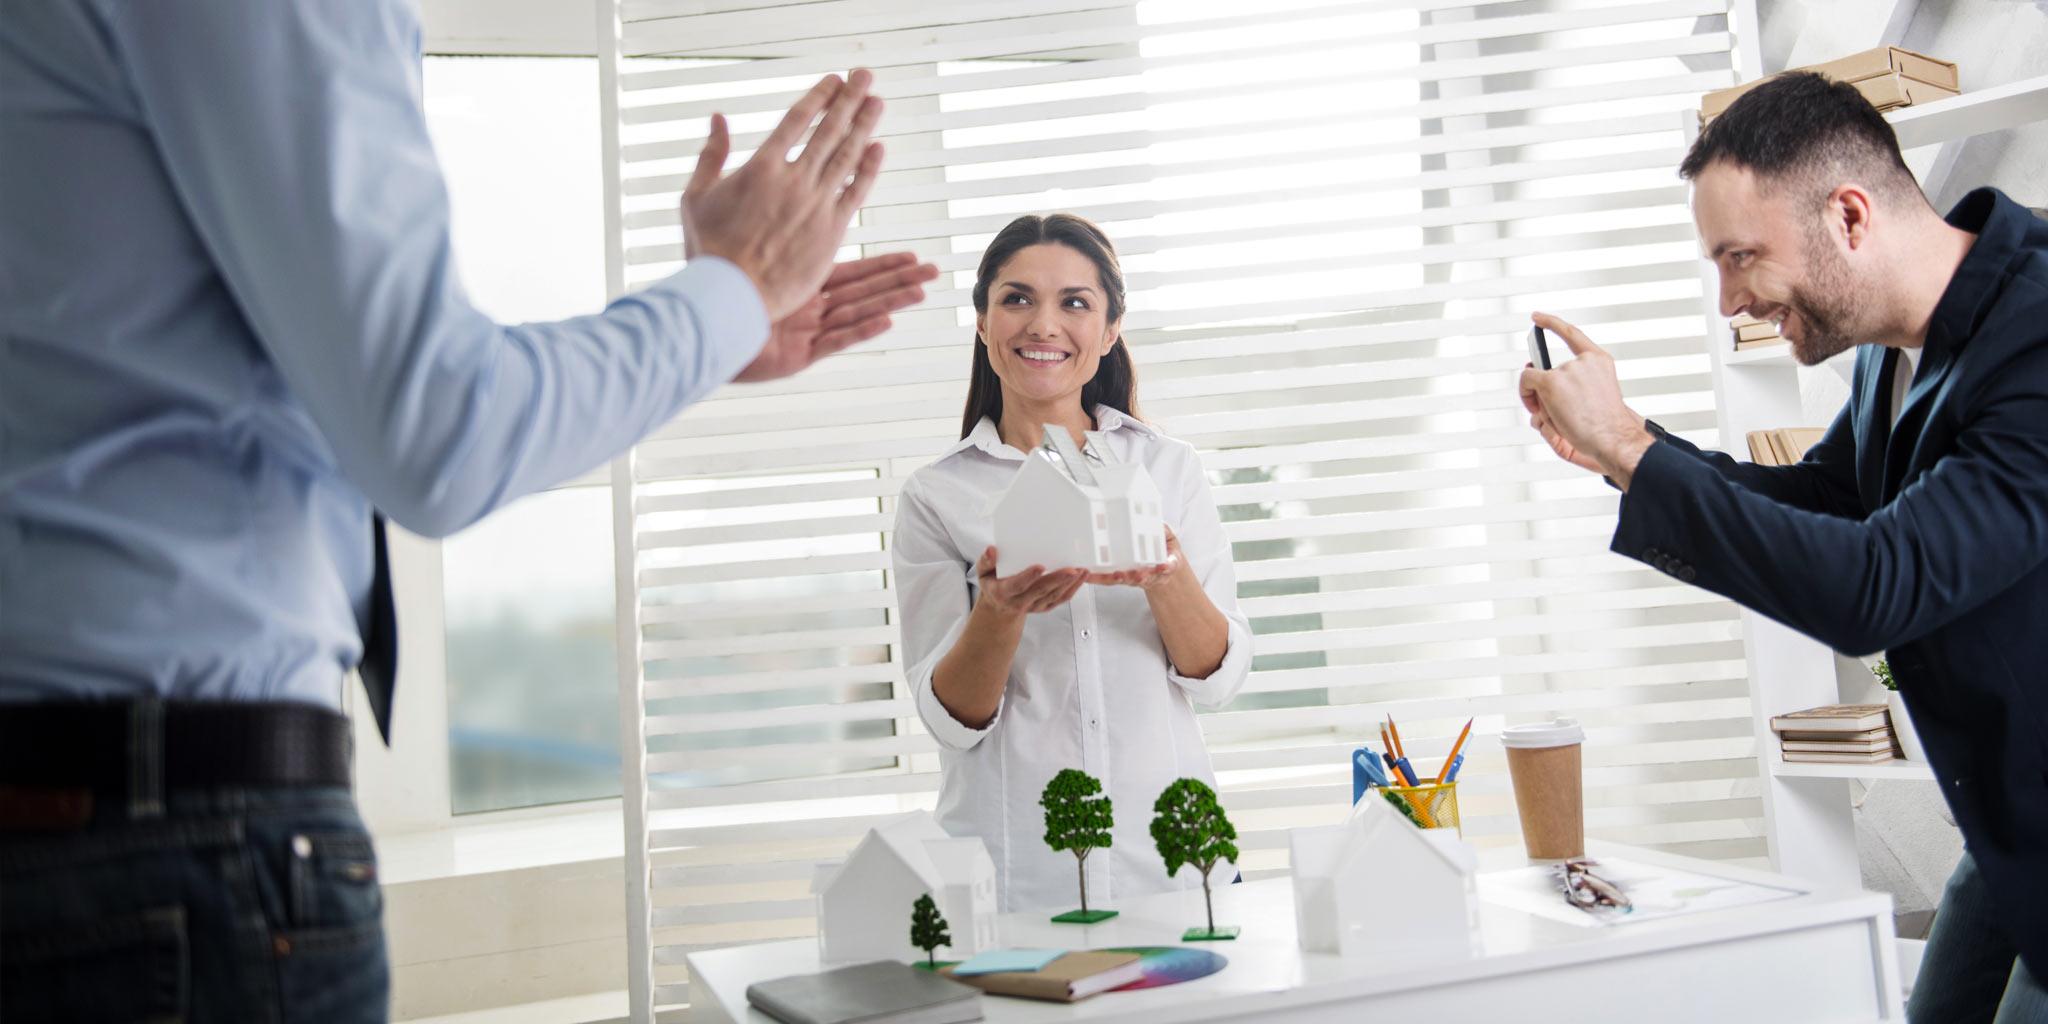 Vrouw heeft een miniatuur van een huis vast, één man trekt een foto en de andere klapt in zijn handen